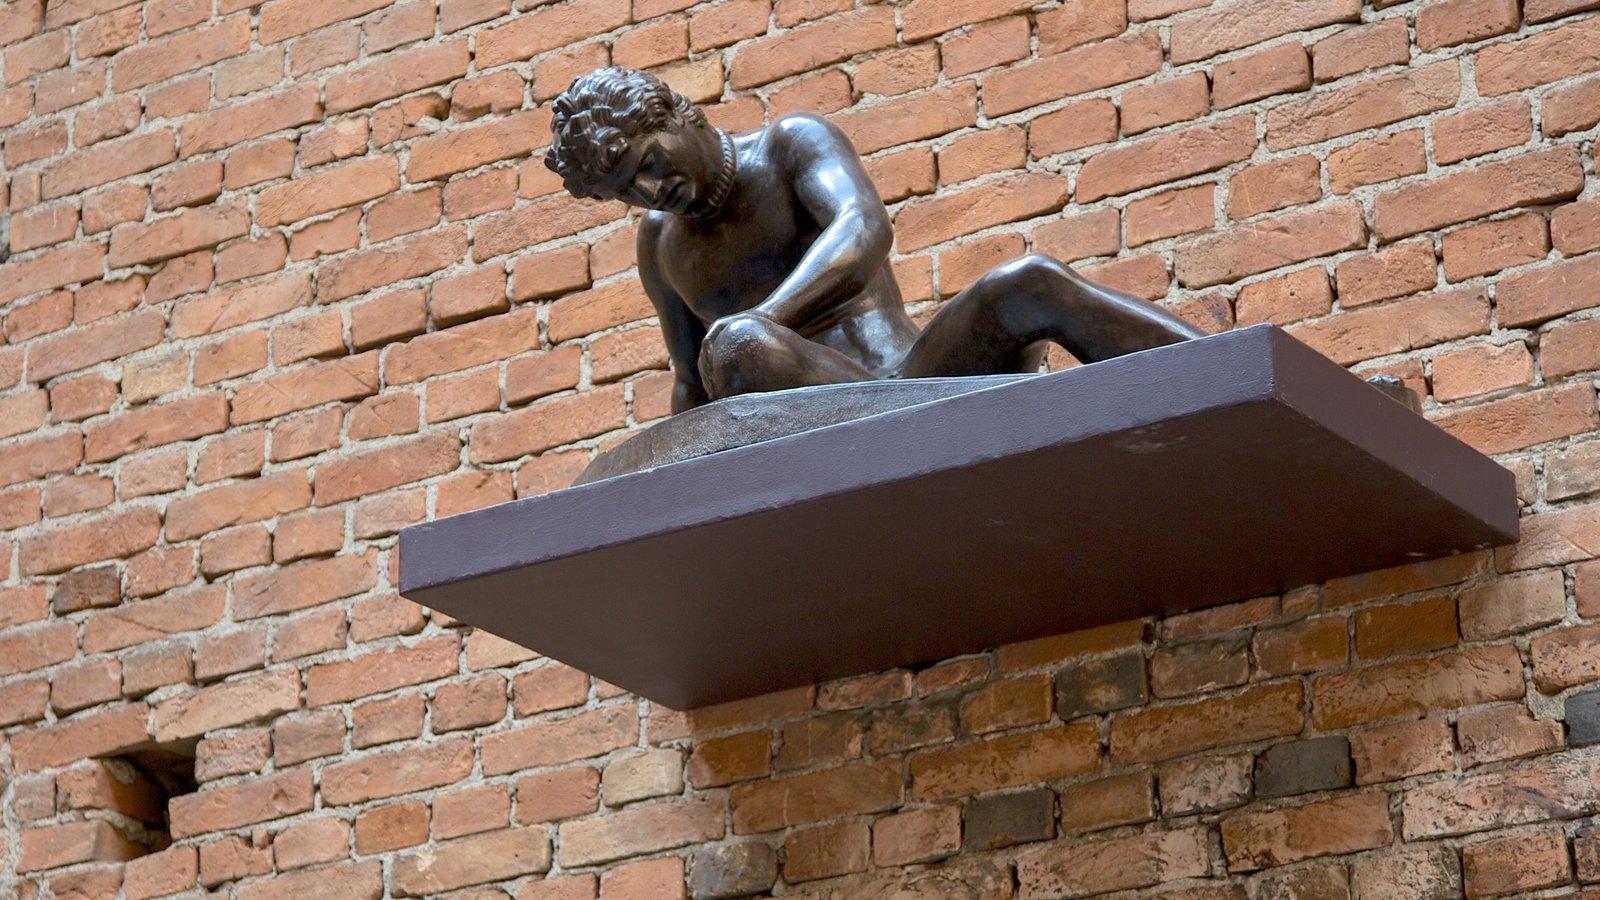 Pinacoteca do Estado caracterizando arte ao ar livre, uma estátua ou escultura e arte